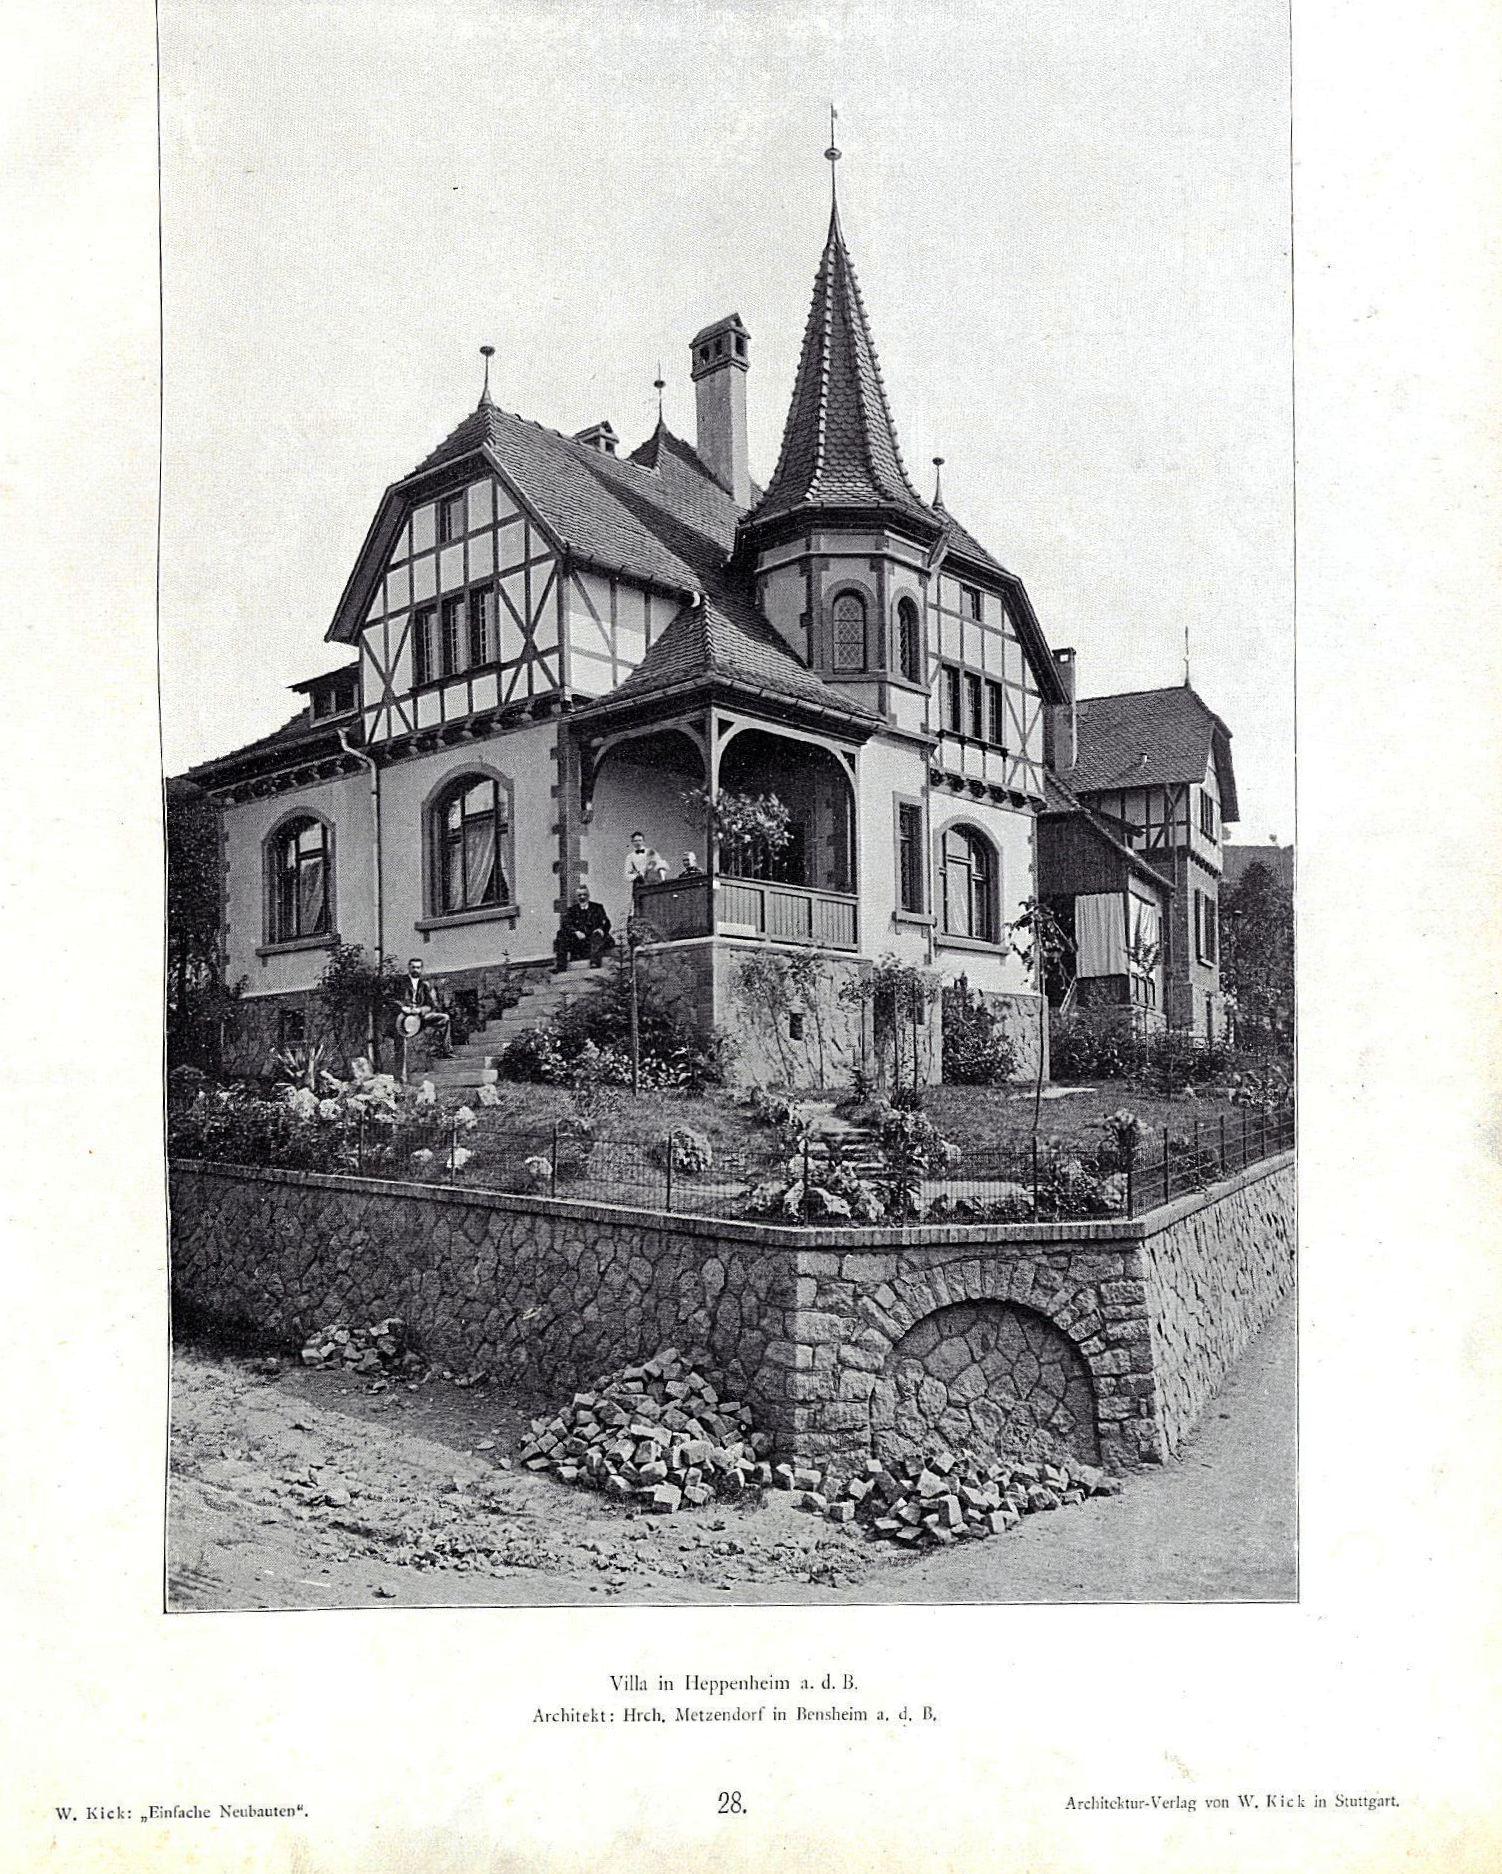 Architekt Bensheim datei:wilhelm kick, einfache neubauten, stuttgart 1890, villa in